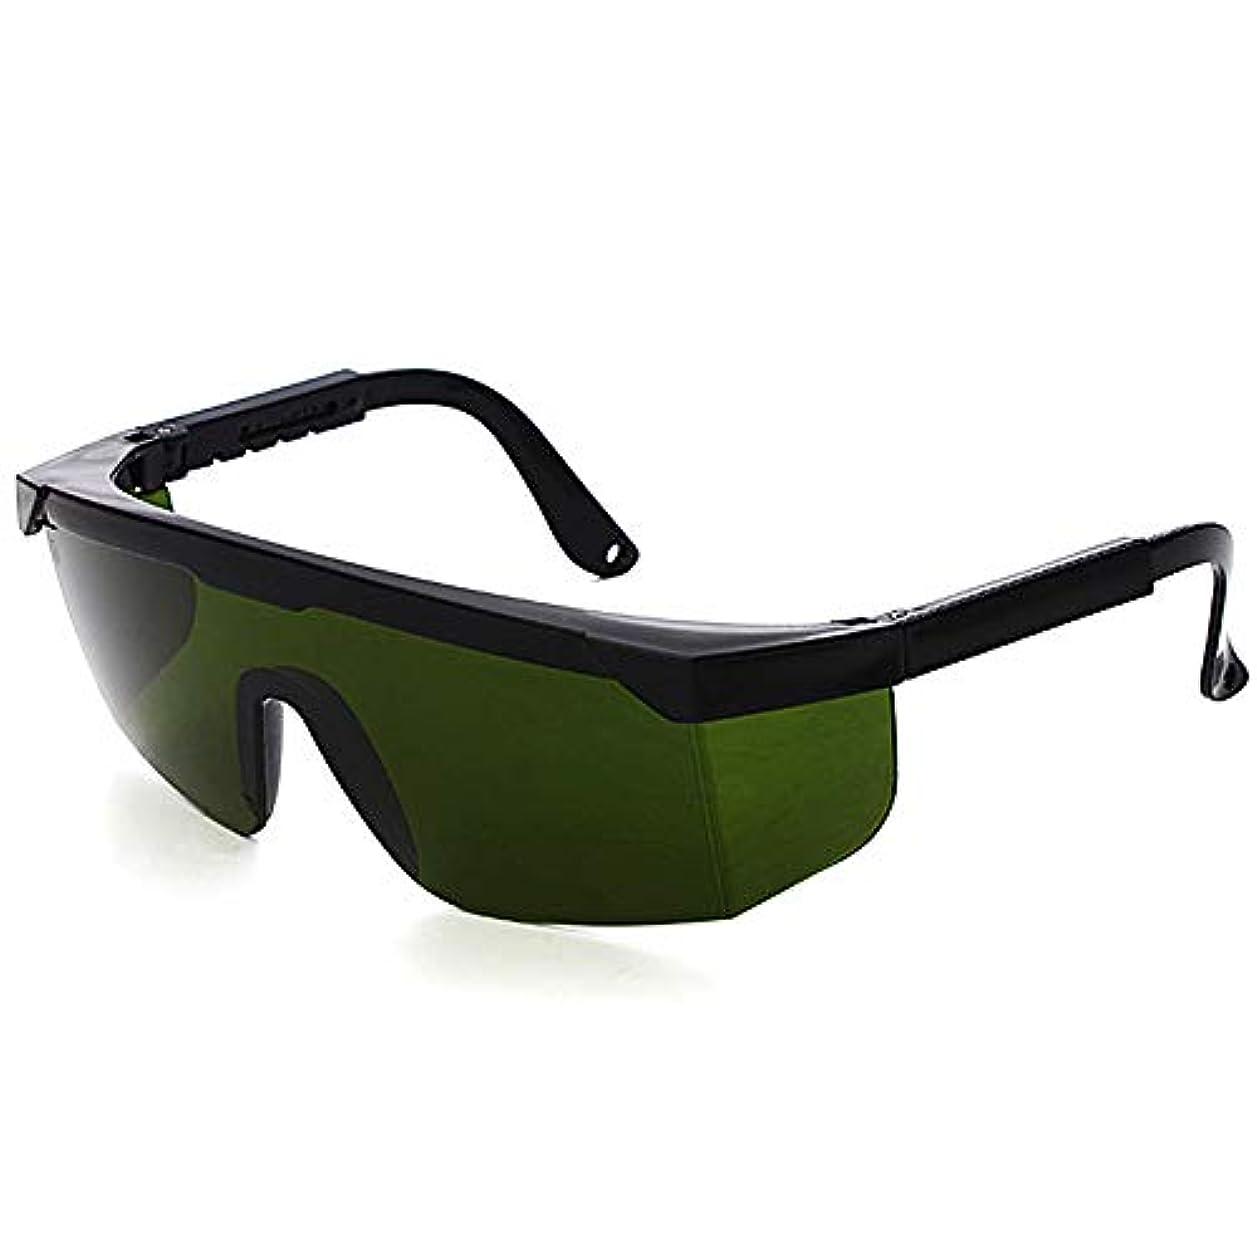 残高感覚協力するJiayaofu レーザー保護メガネIPL美容機器メガネレーザーペアIPLメガネ、安全メガネ